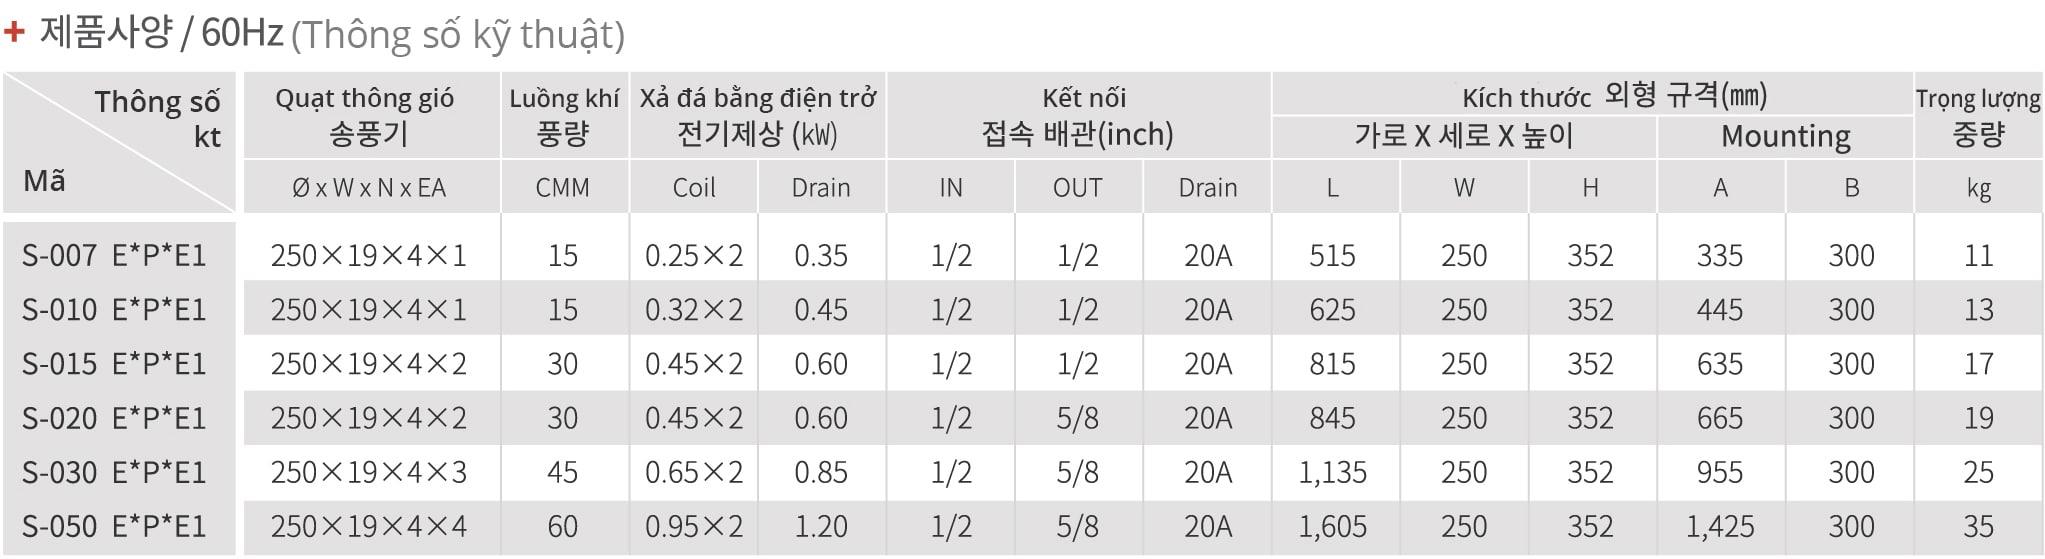 Dàn lạnh công nghiệp SUTS loại nhỏ tiết kiệm không gian lưu trữ kho lạnh, dàn lạnh Sungjin SUTS